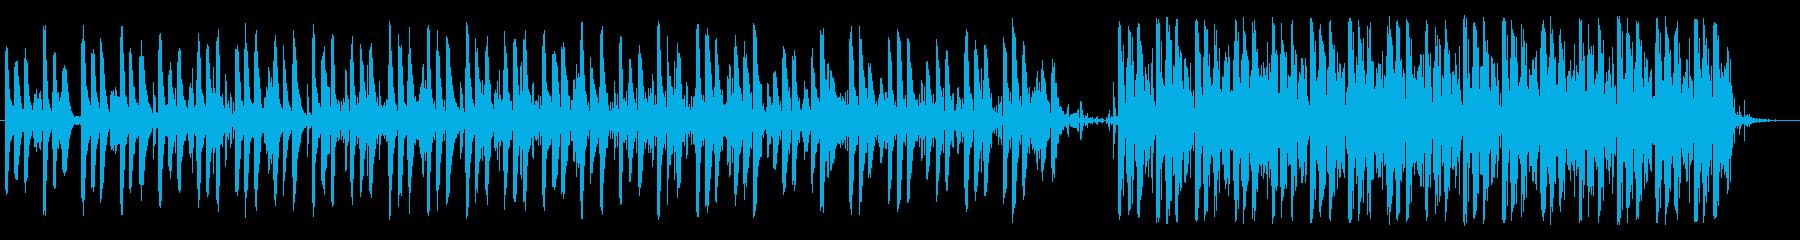 アンニュイなテクノポップの再生済みの波形